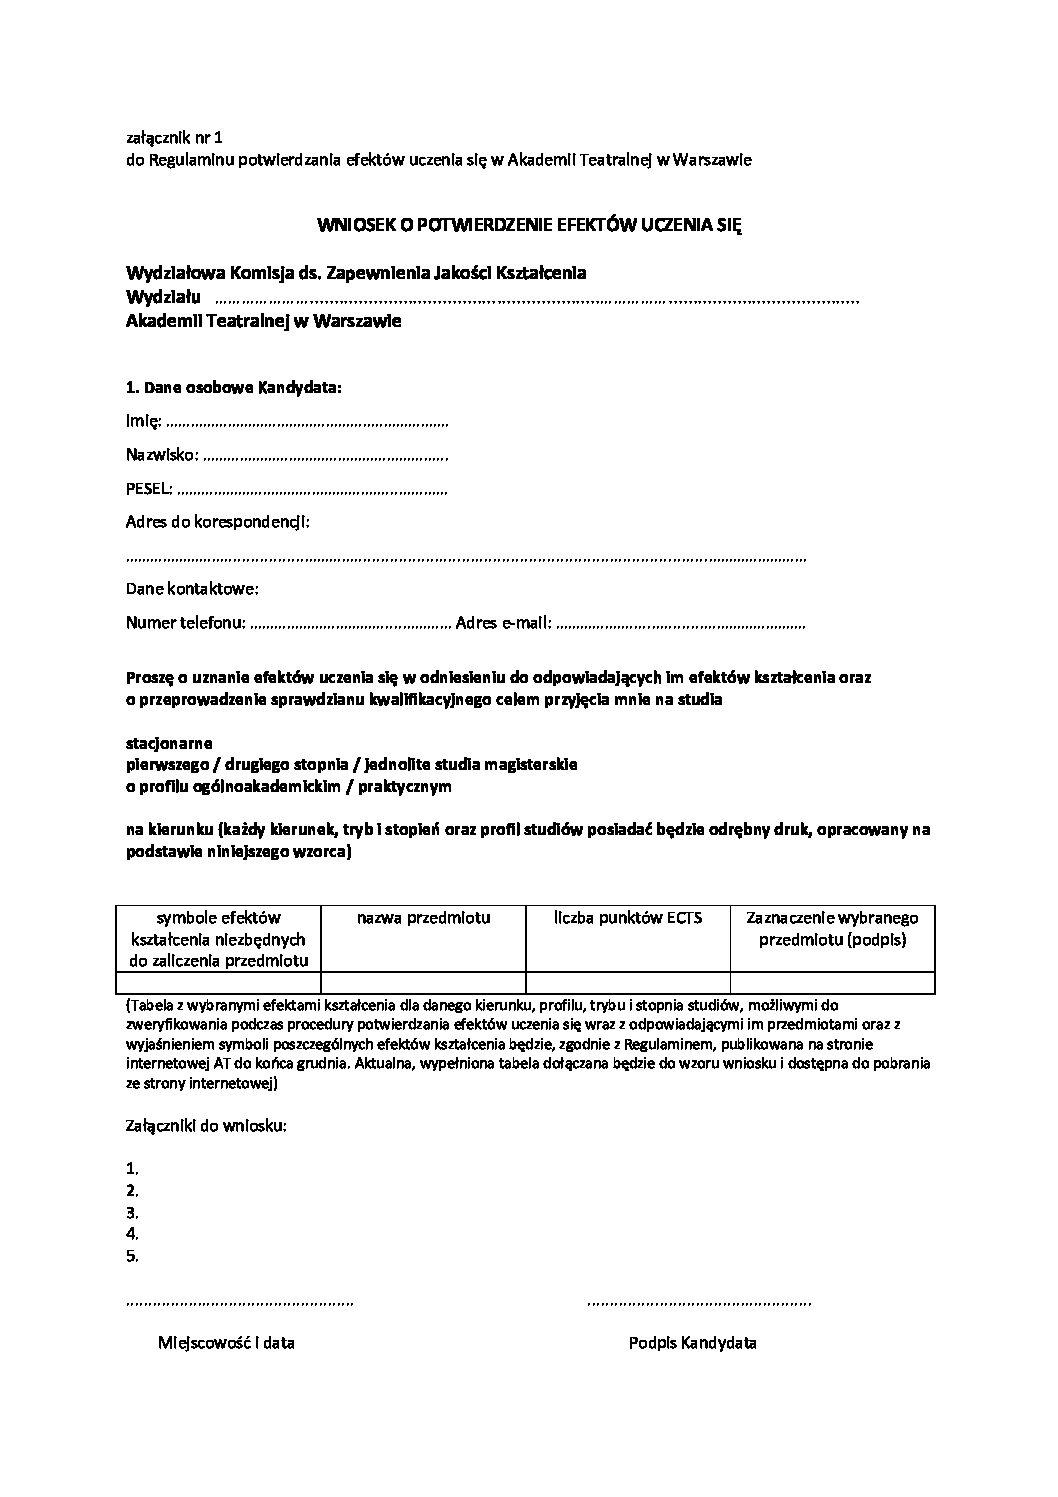 załącznik nr 1_wniosek o wszczecie procedurypotwierdzania efektow uczenia sie 15 04_2015